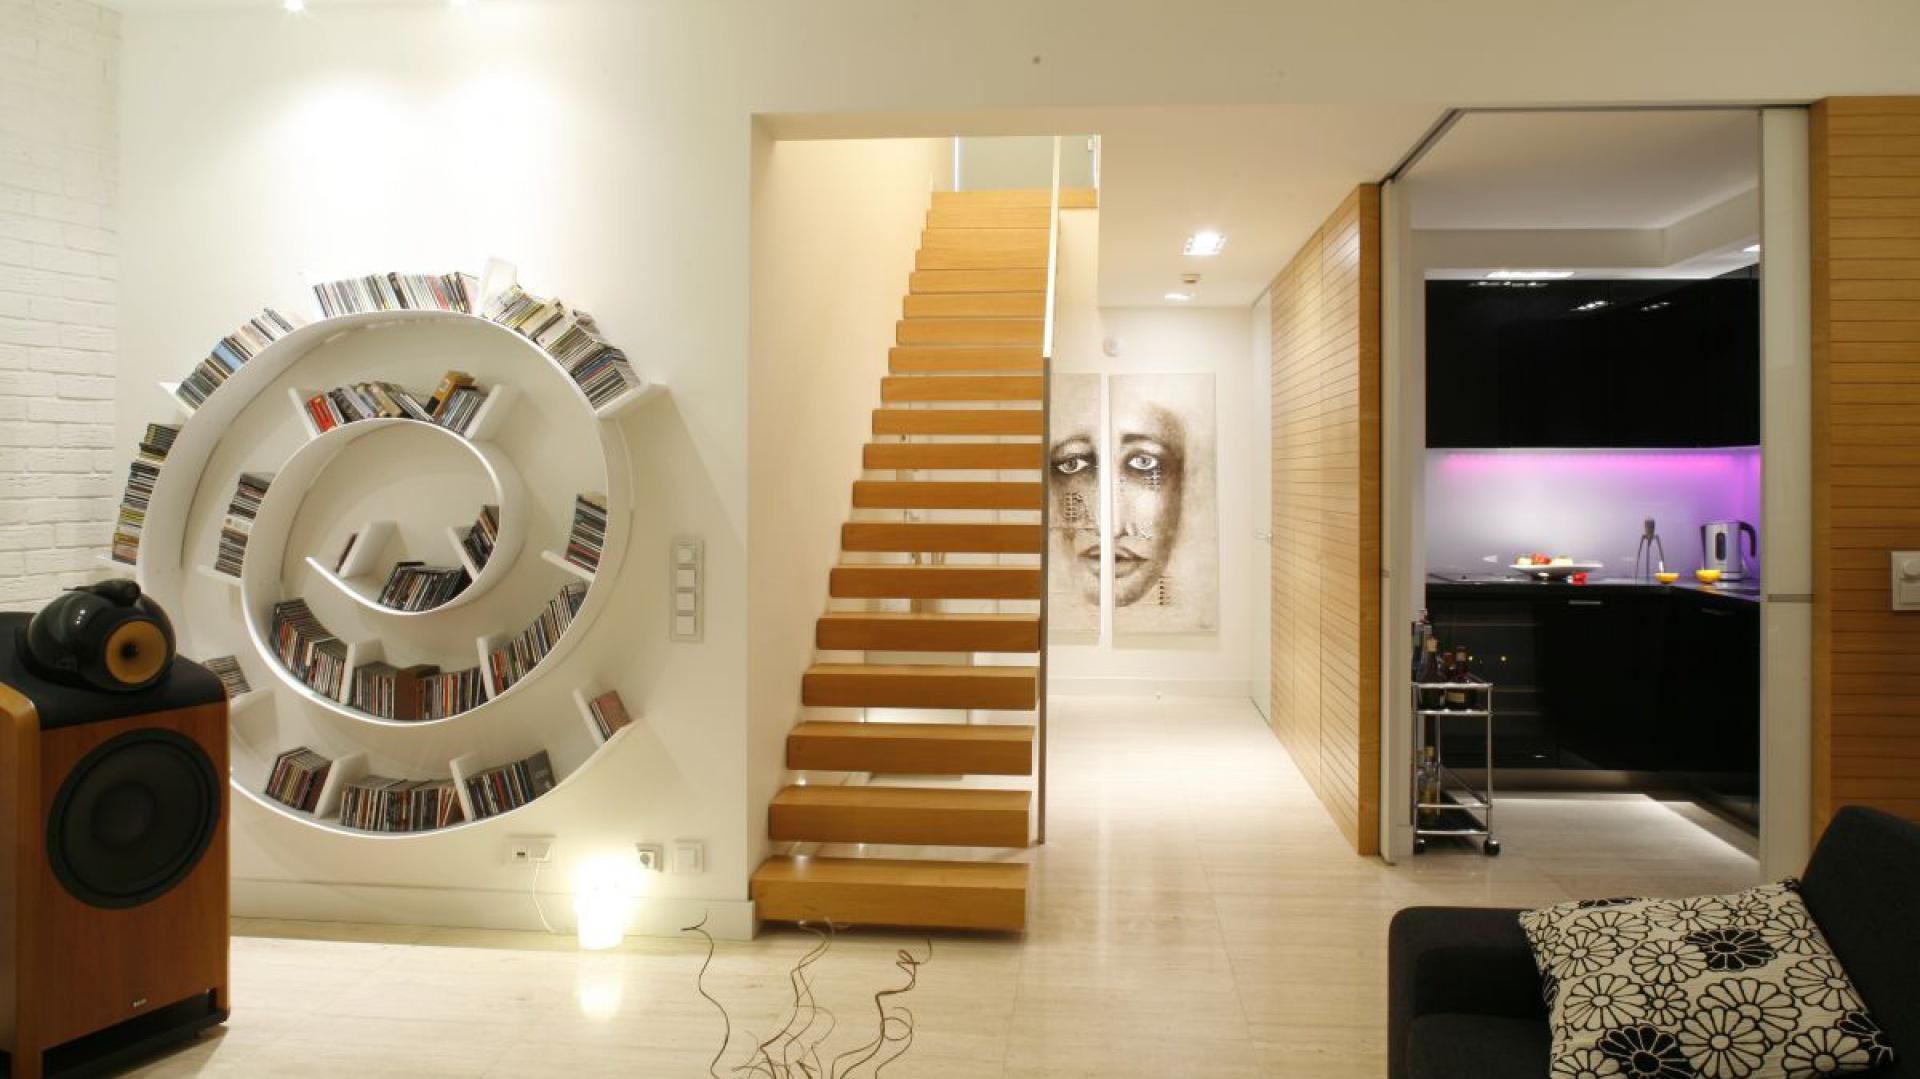 Schody jednobiegowe zbudowane z drewnianych modułów są tu wyjątkową ozdobą salonu. Projekt: Alina Grzybowska, Konstanty Jeżewski, Fot. Bartosz Jarosz